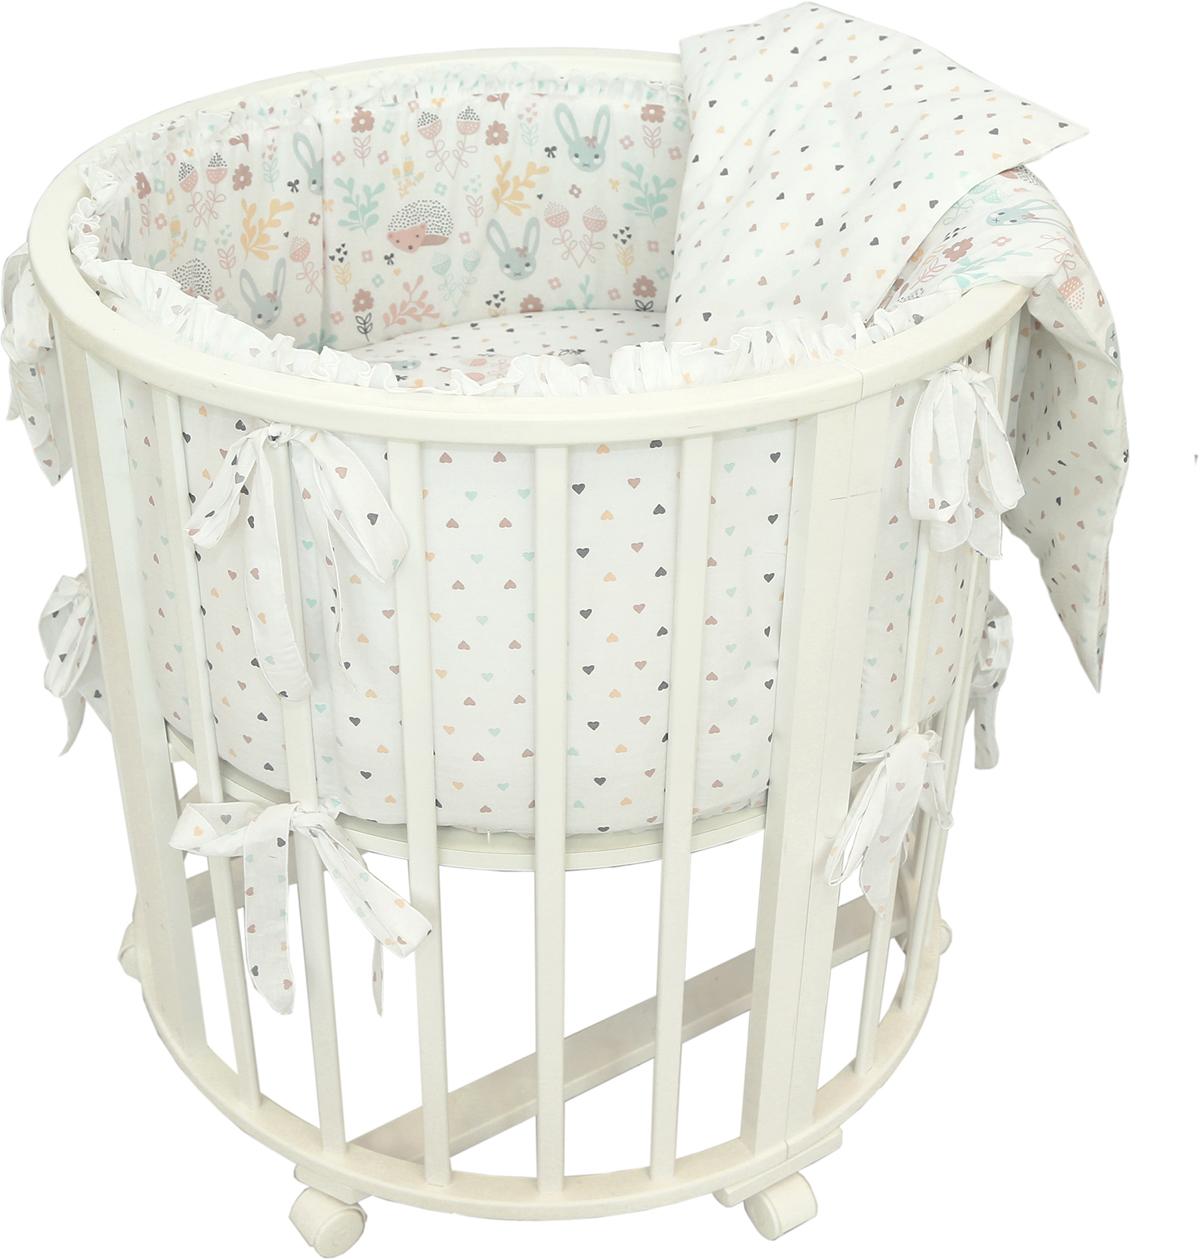 Baby Nice Комплект постельного белья детский Лесная поляна цвет розовый C431/1C431/1Постельное бельё, сшито из качественной бязи импортного производства. Бельё не деформируется, цвет не выстирывается.